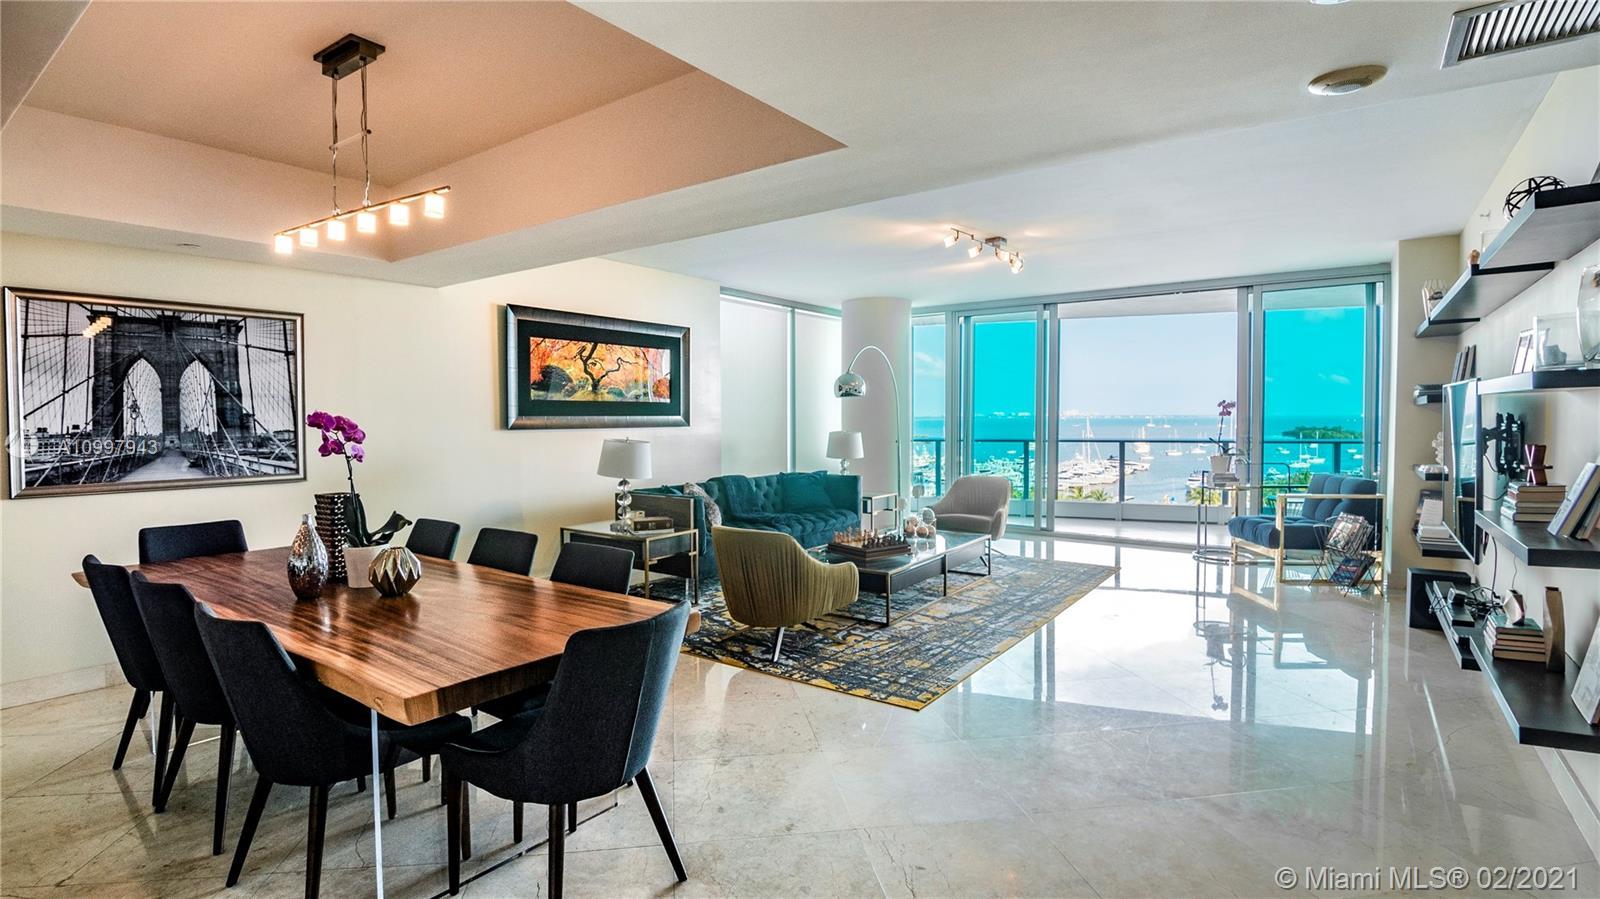 Grovenor House #1001 - 2627 S Bayshore Dr #1001, Miami, FL 33133